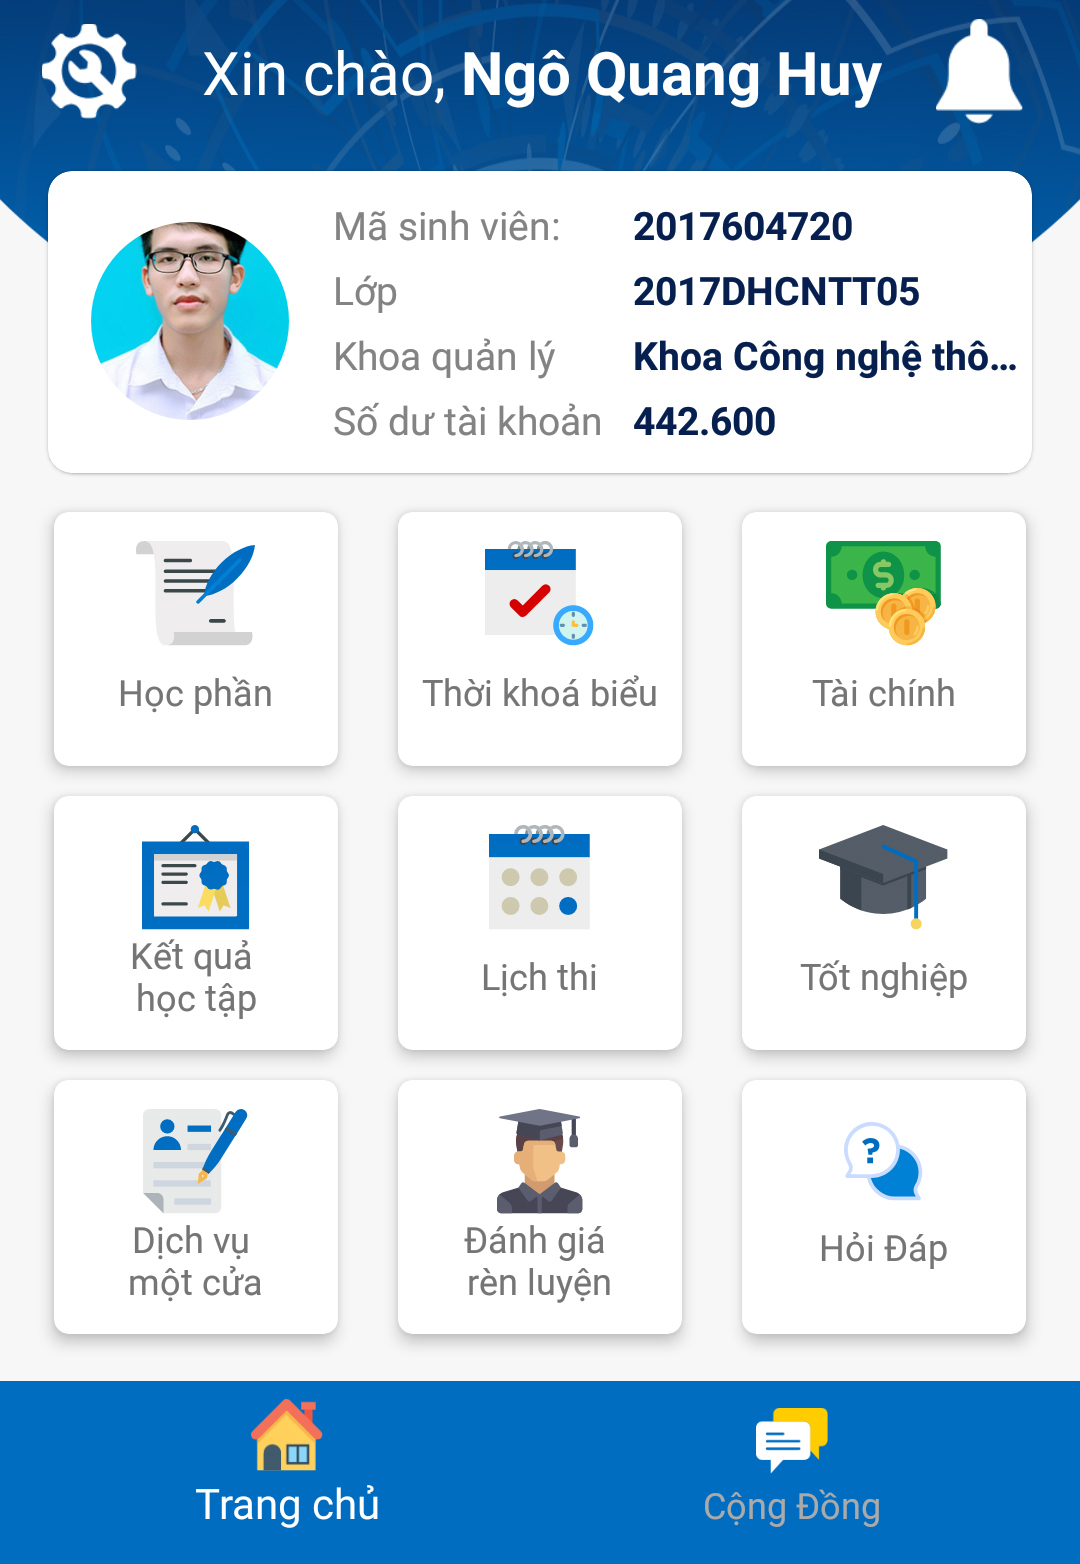 Thí sinh xác nhận nhập học tại Đại học Công nghiệp Hà Nội 2019